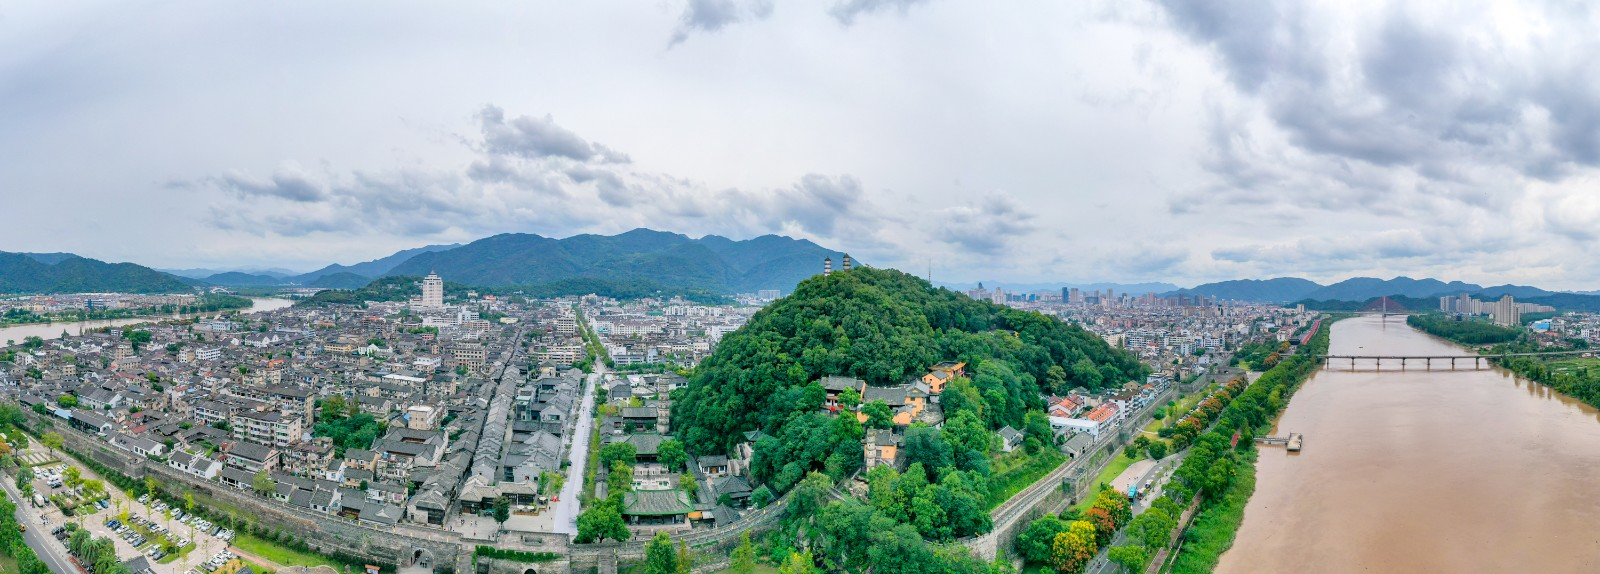 趁秋未凉,来台州临海,探寻千年古城的新与旧